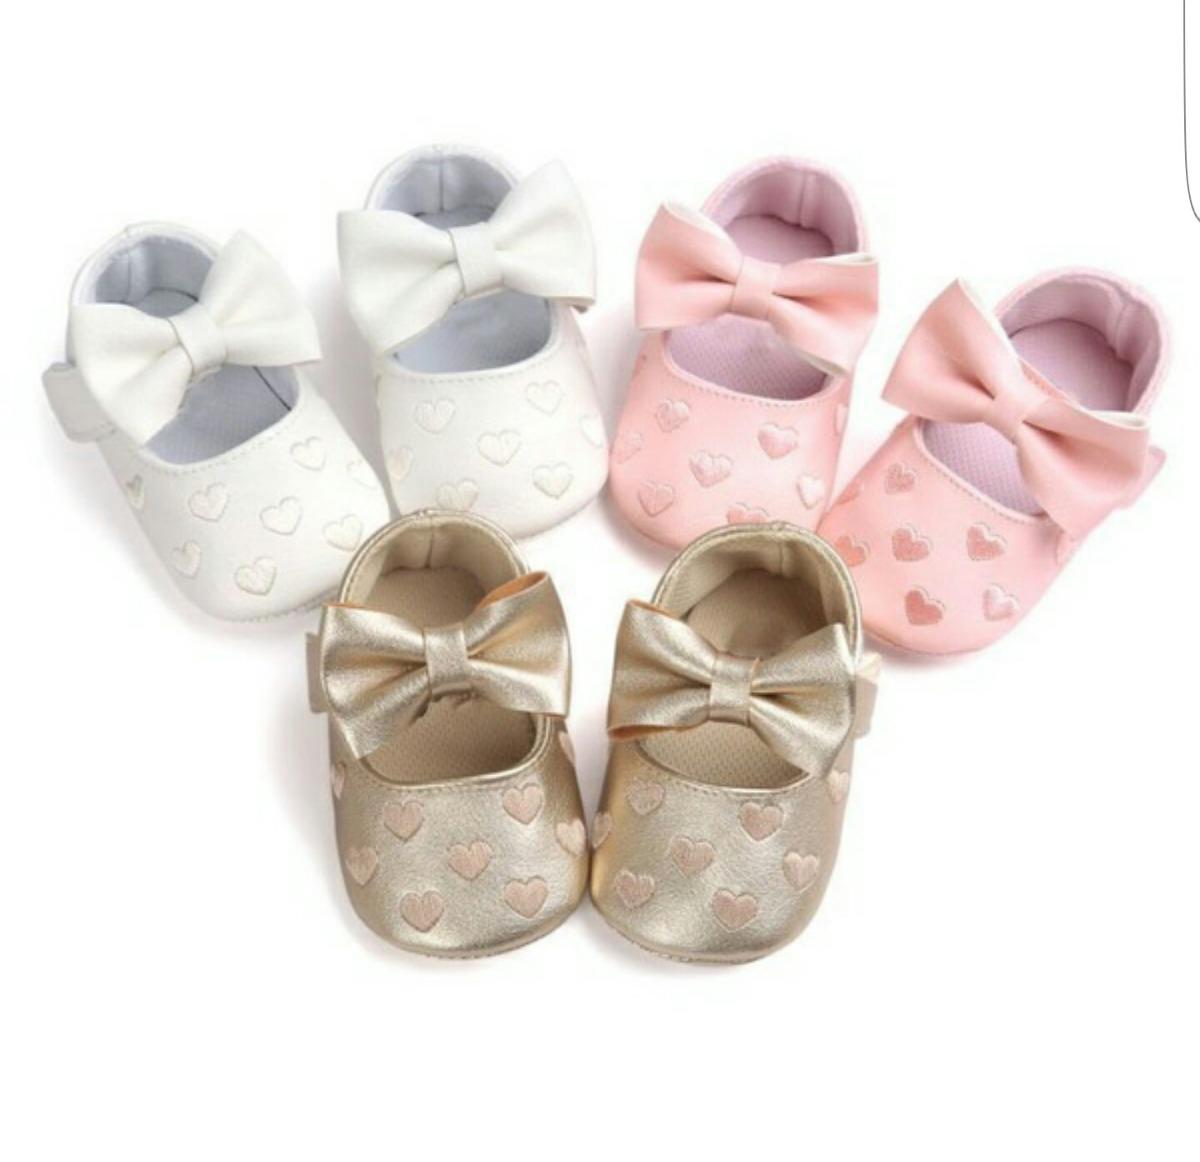 85b041d5bcf5d zapatillas para bebe zapatos nena. Cargando zoom.